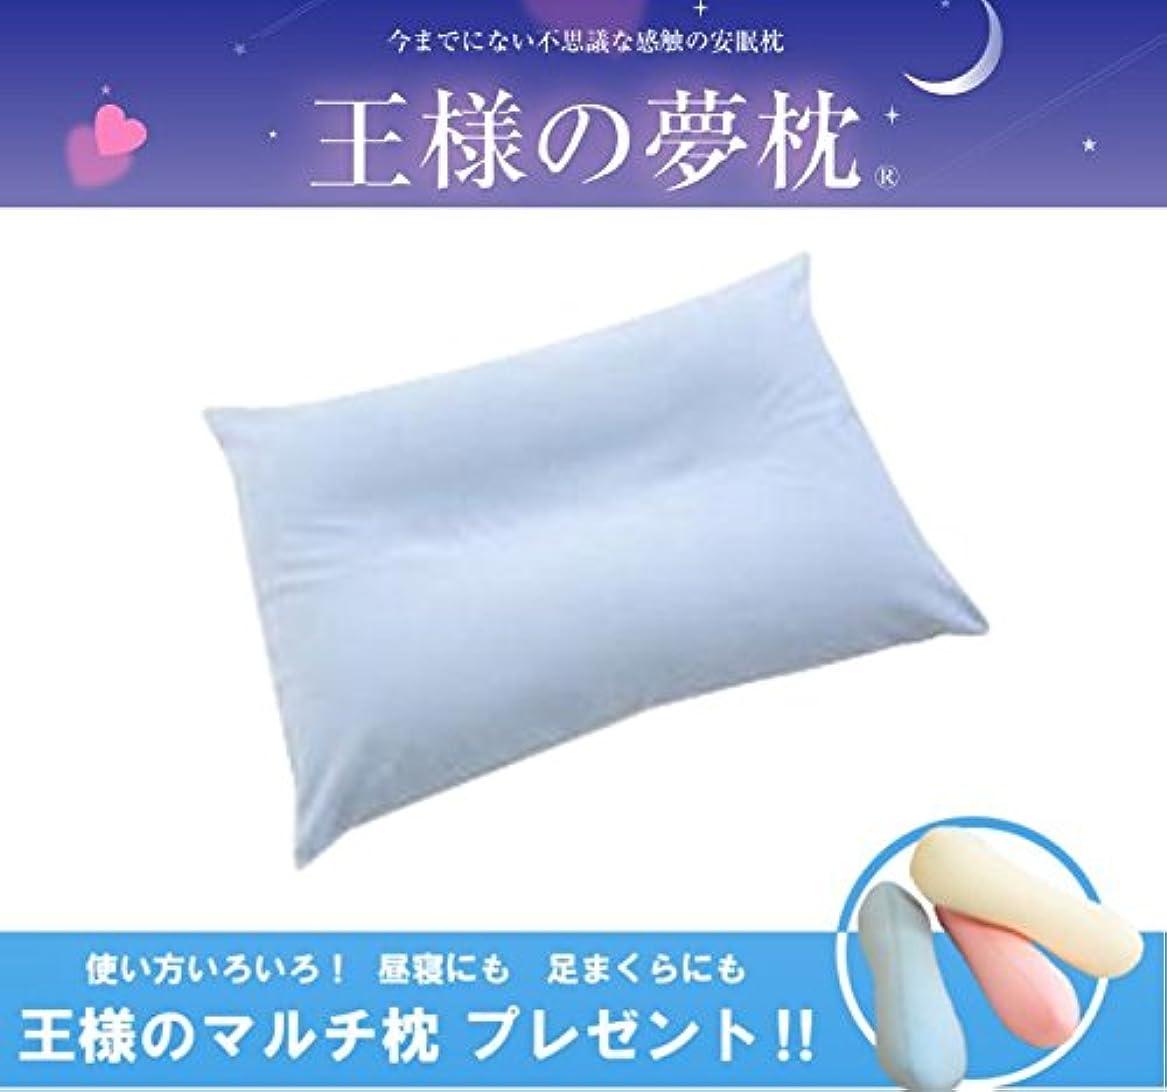 スタジオ特別な作り王様の夢枕 ブルー (専用カバー付) W52×D34×H12cm 【王様のマルチ枕をプレゼント】